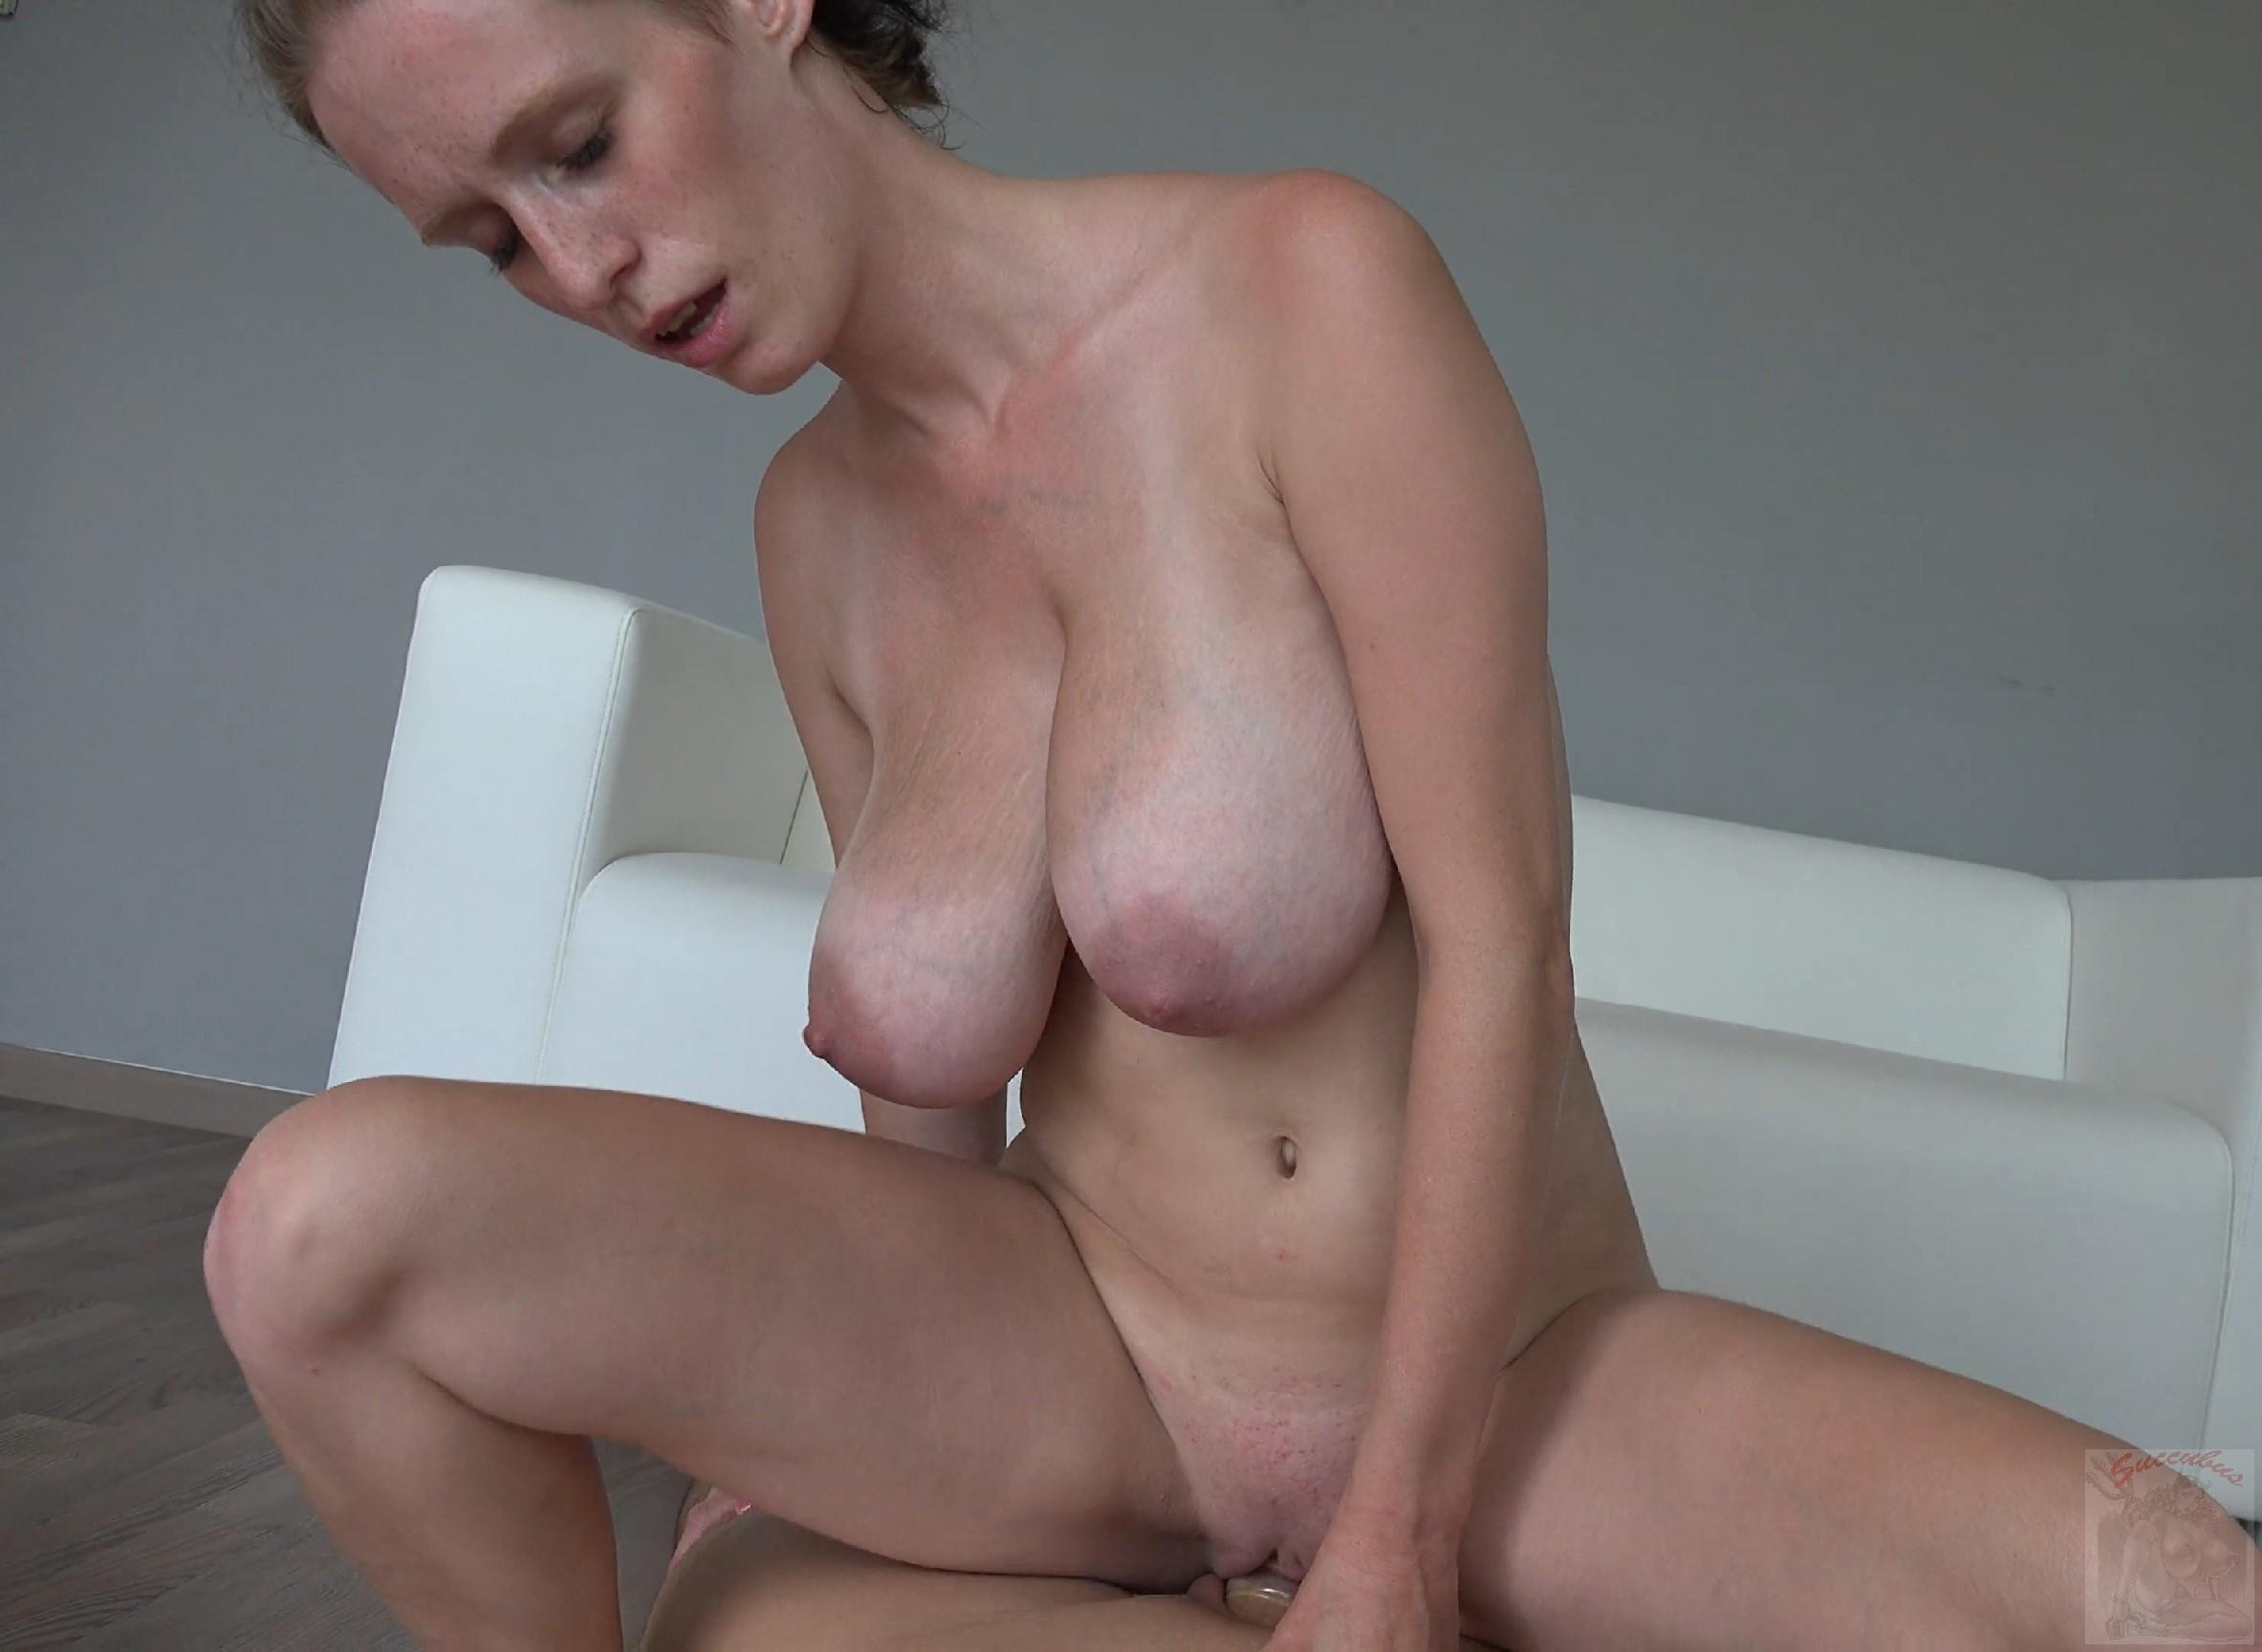 голые худые зрелые бабы с большими дойками онлайн вот